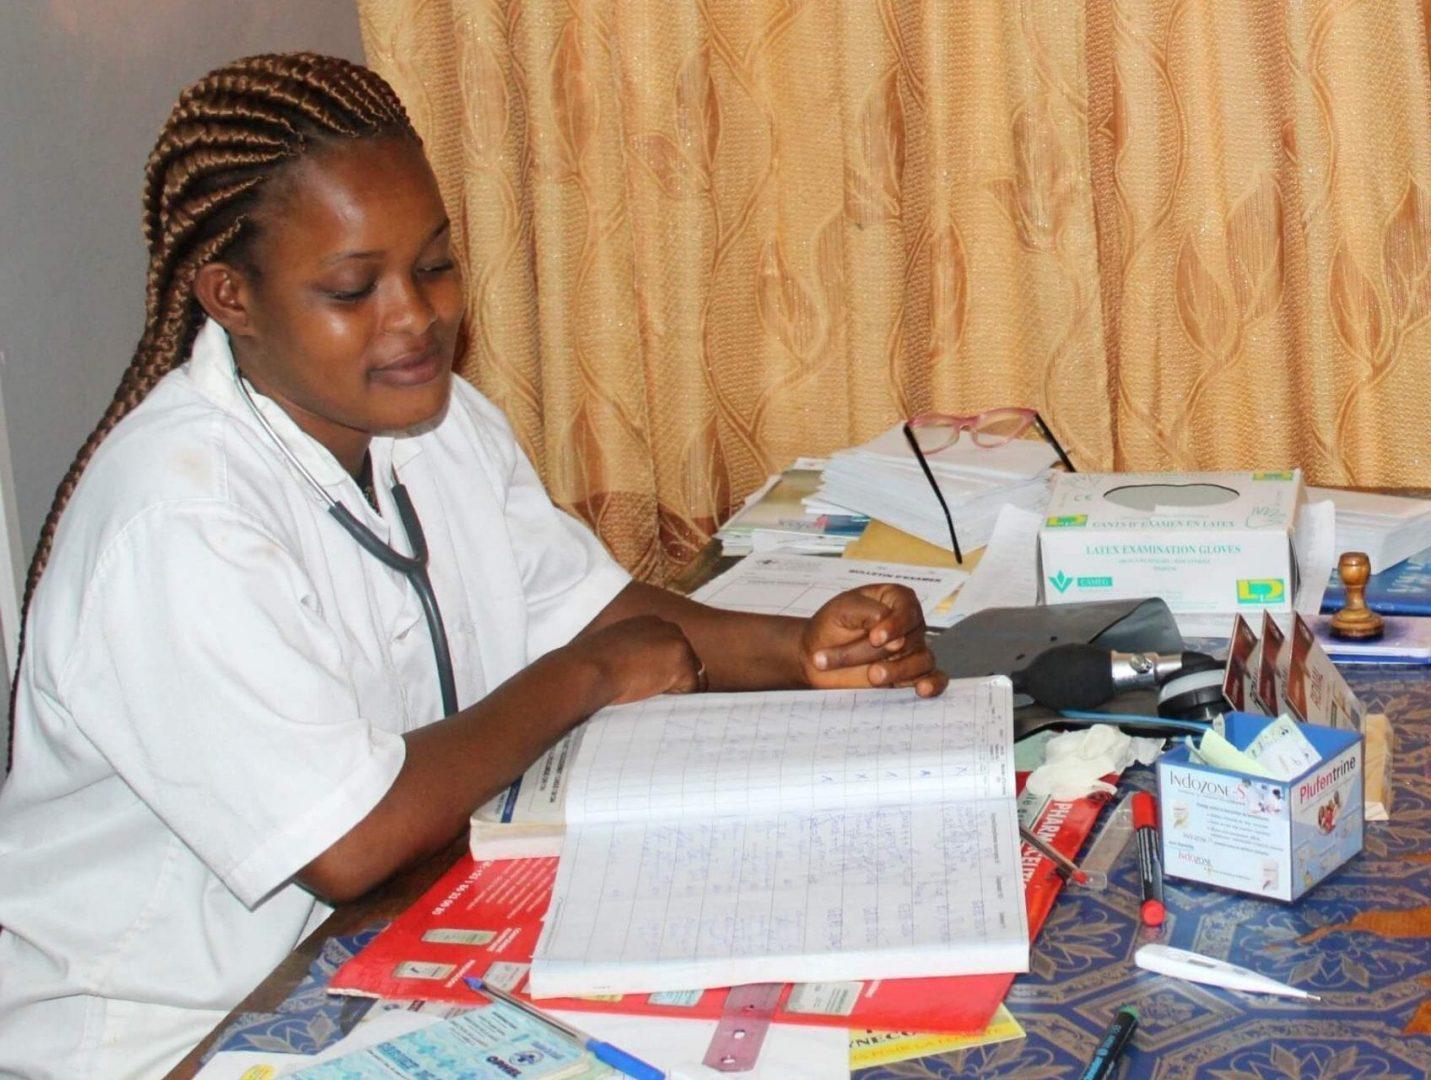 Mariam při příjmu pacientky ve zdravotnickém středisku IN.